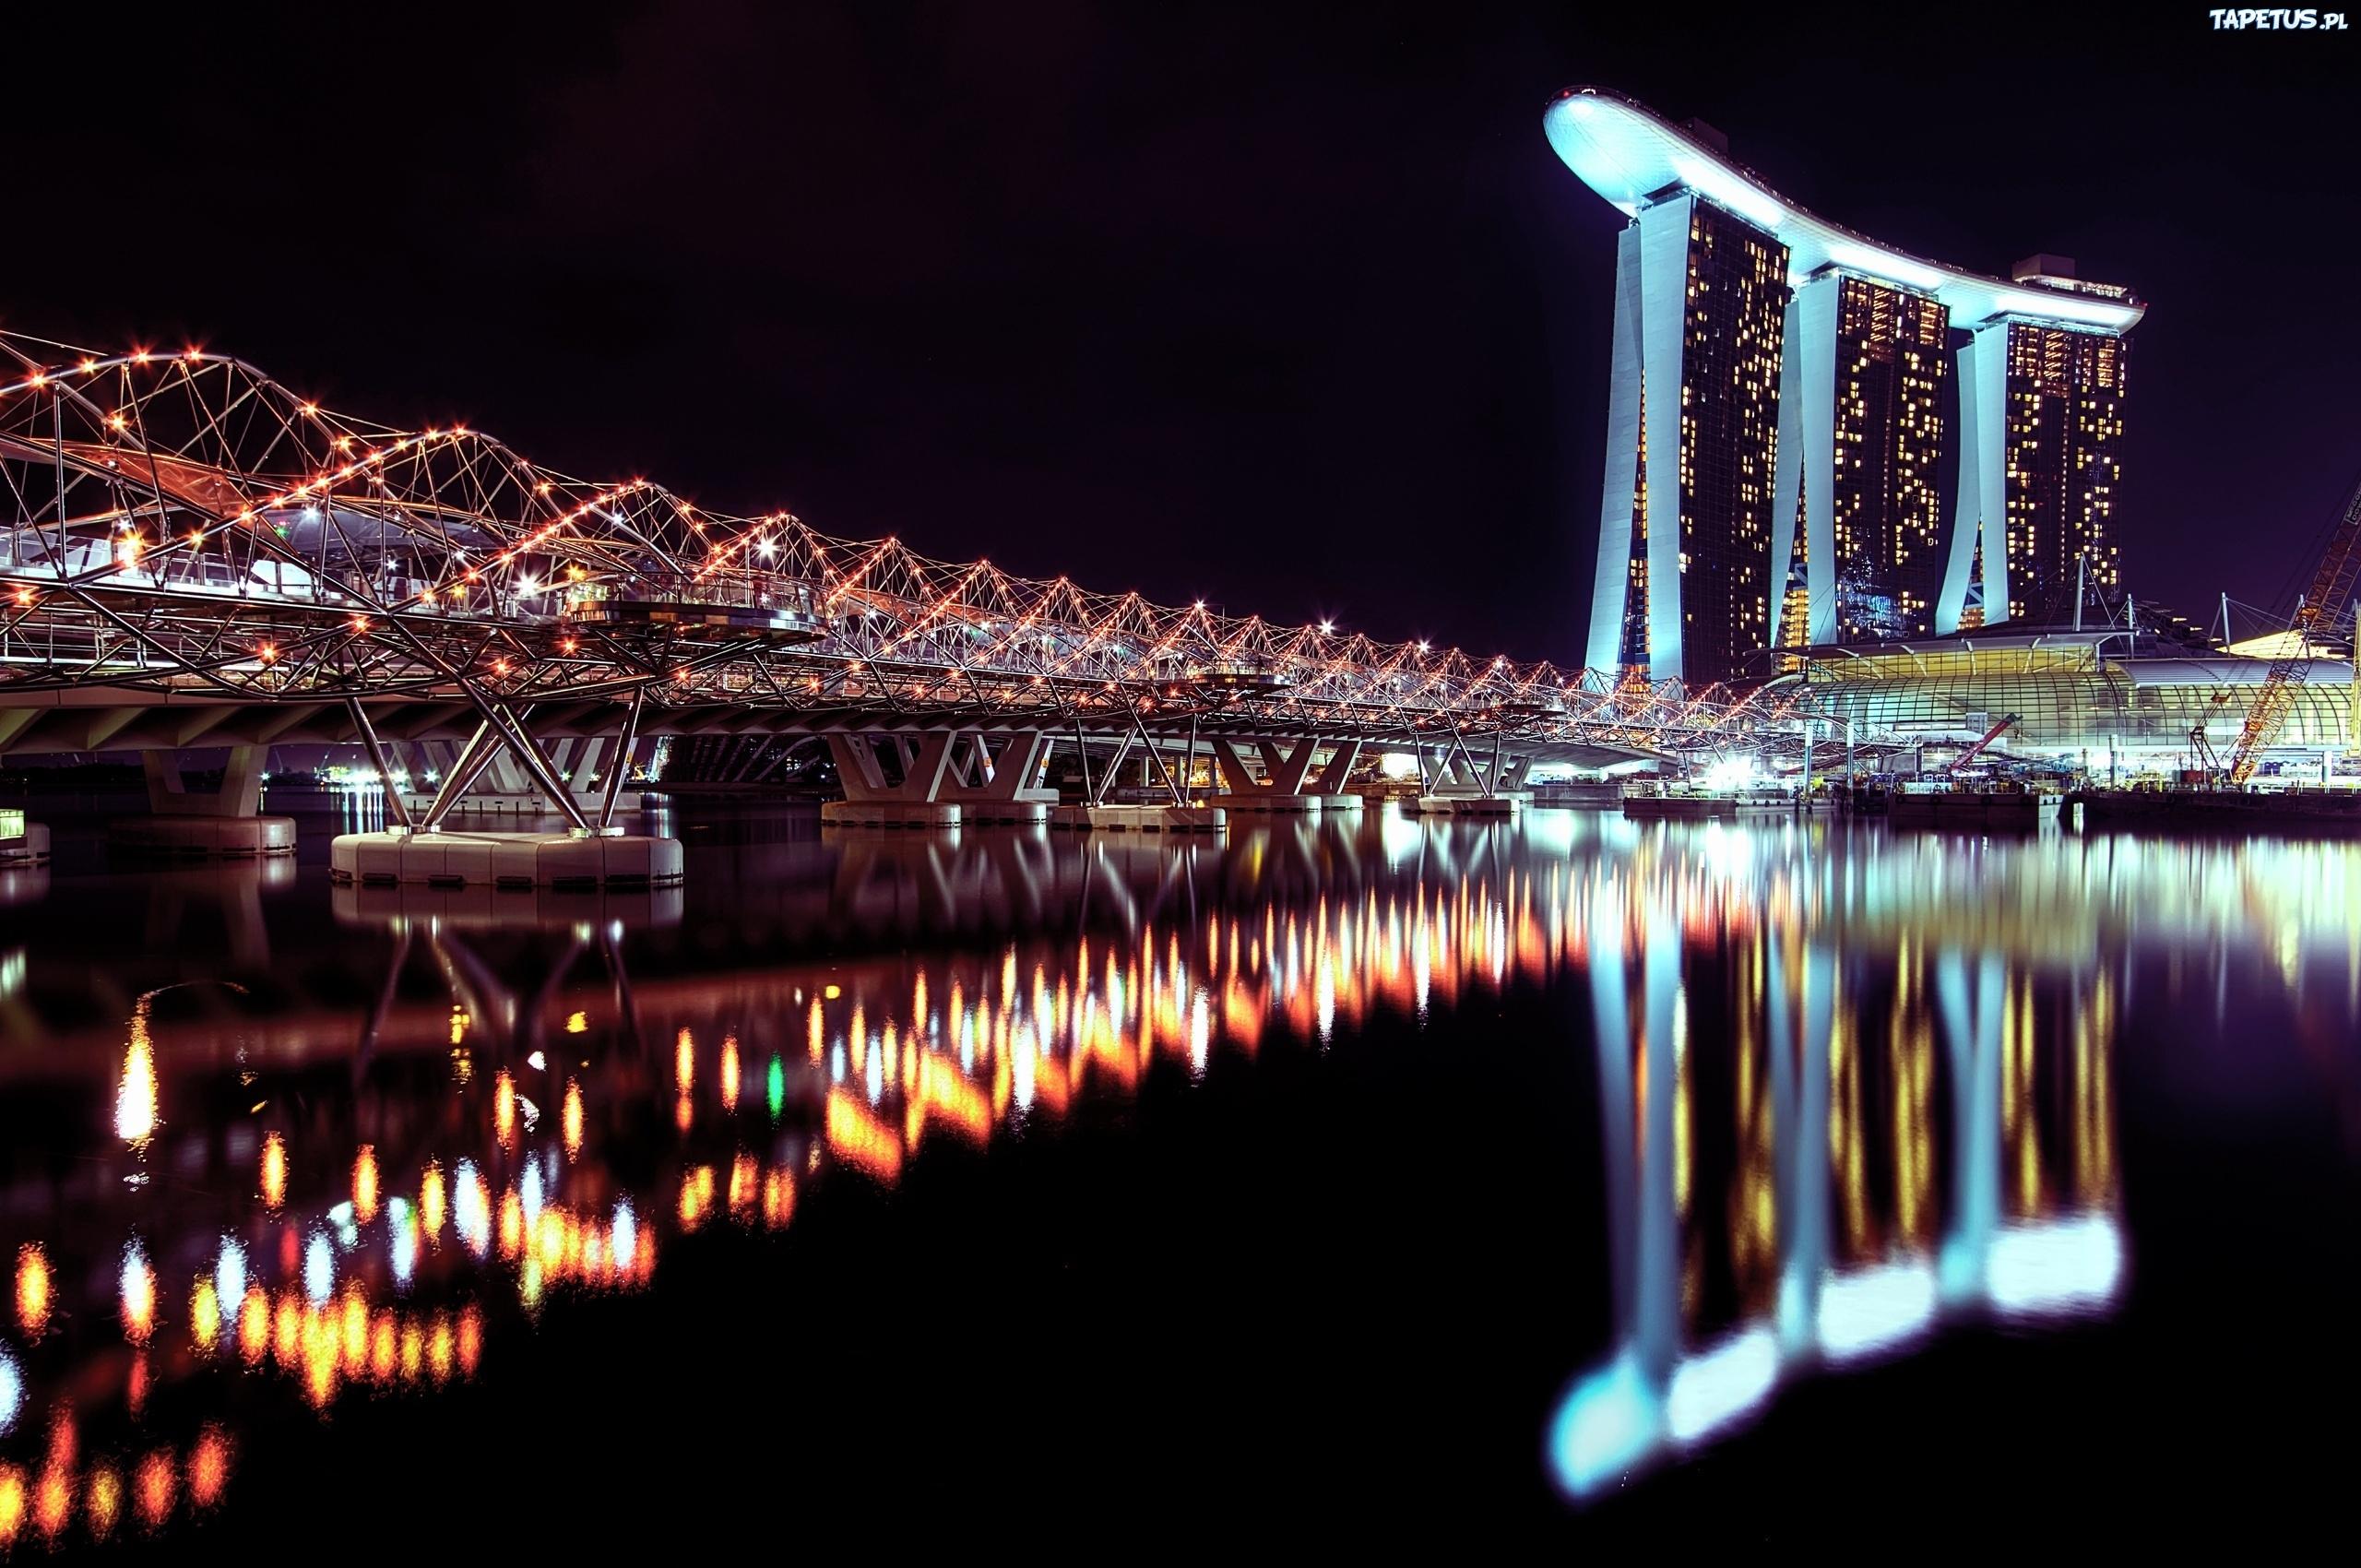 страны архитектура Сингапур ночь  № 1476102 загрузить